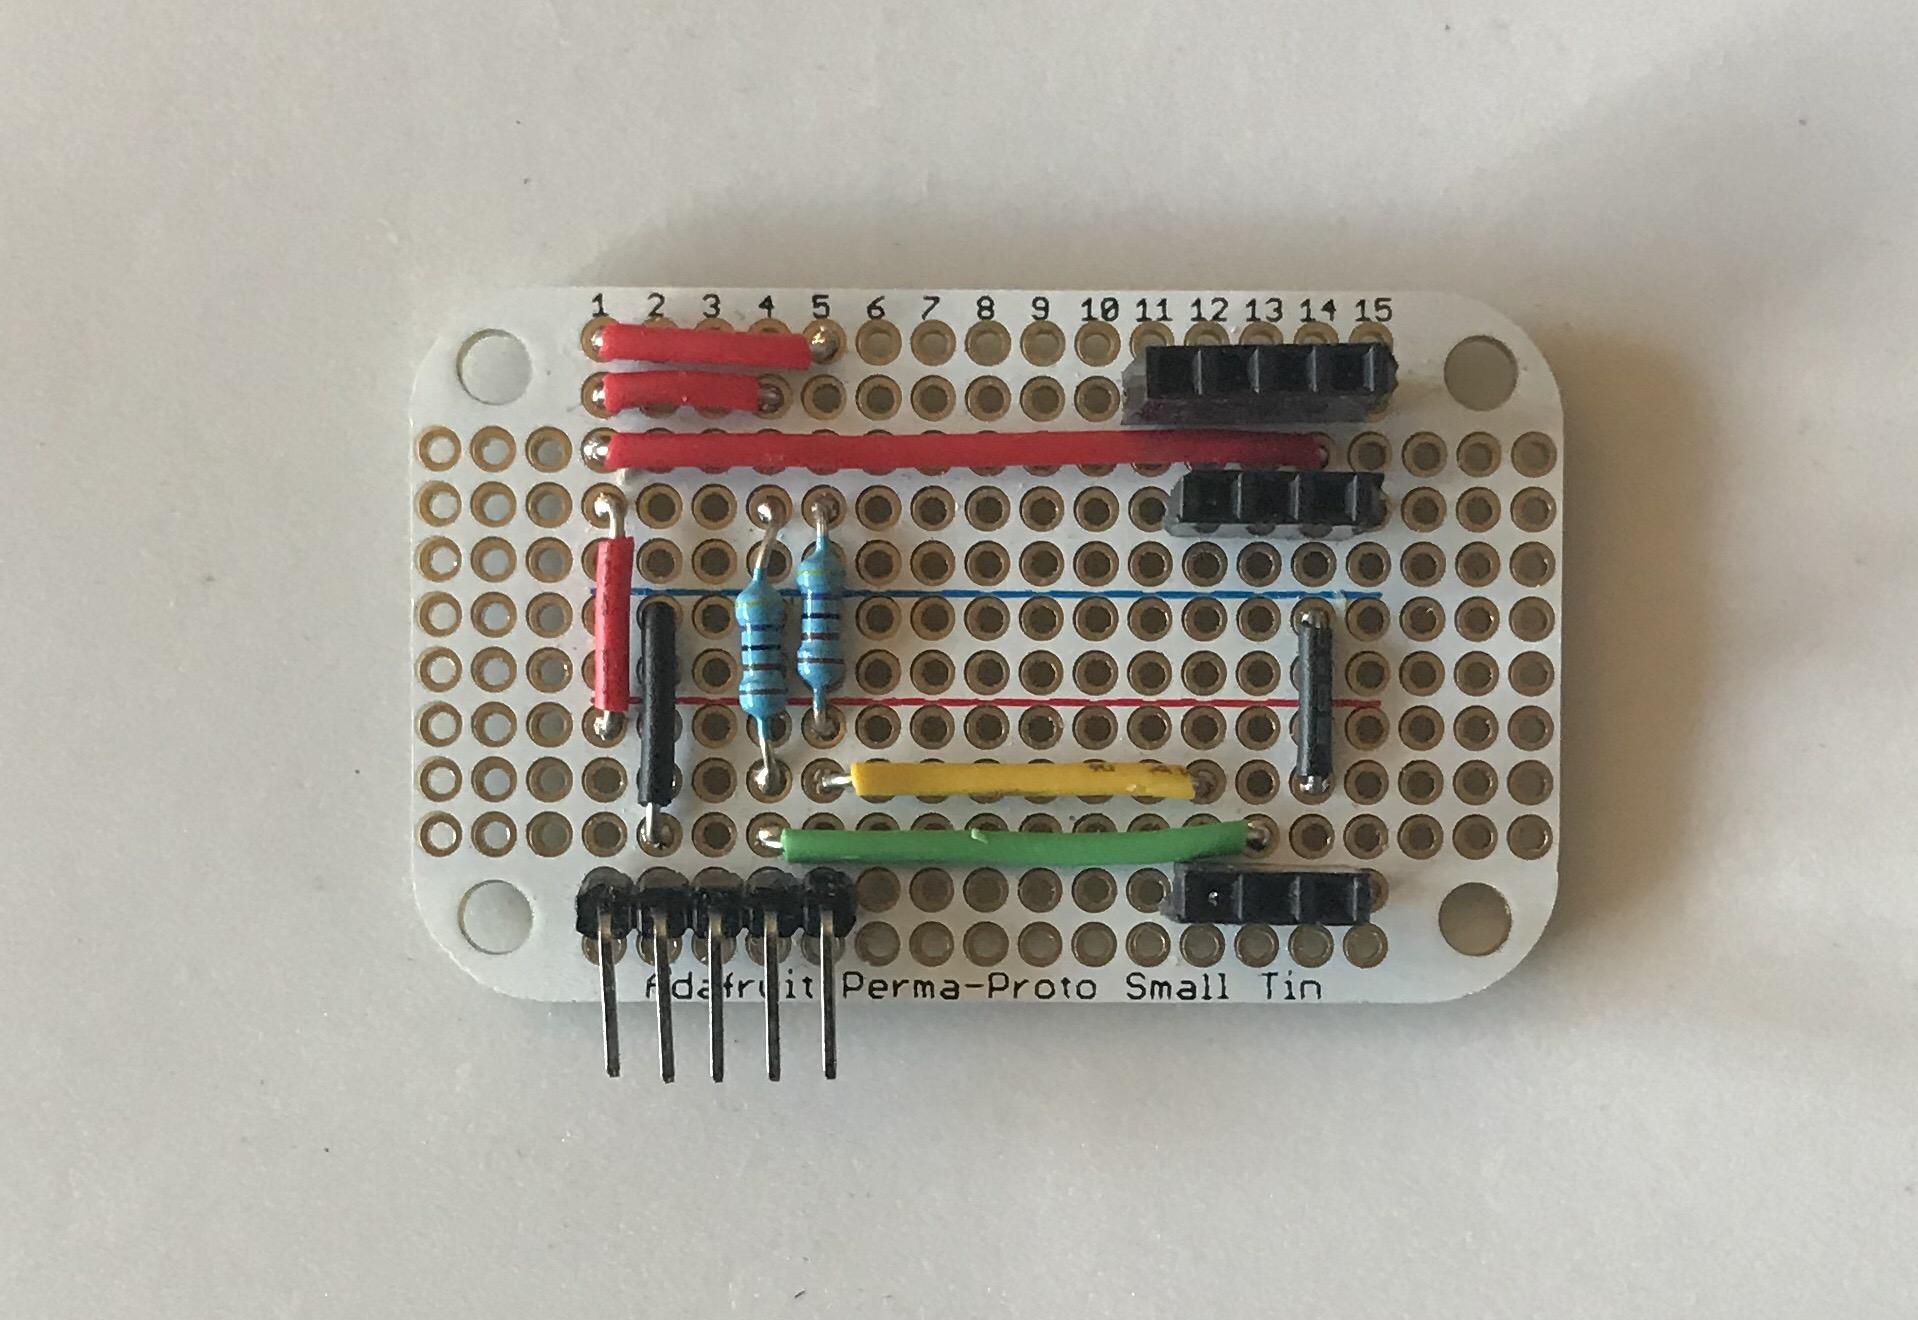 sensors_30259960-E08C-42E3-A6CB-7961DE79AA90.jpeg